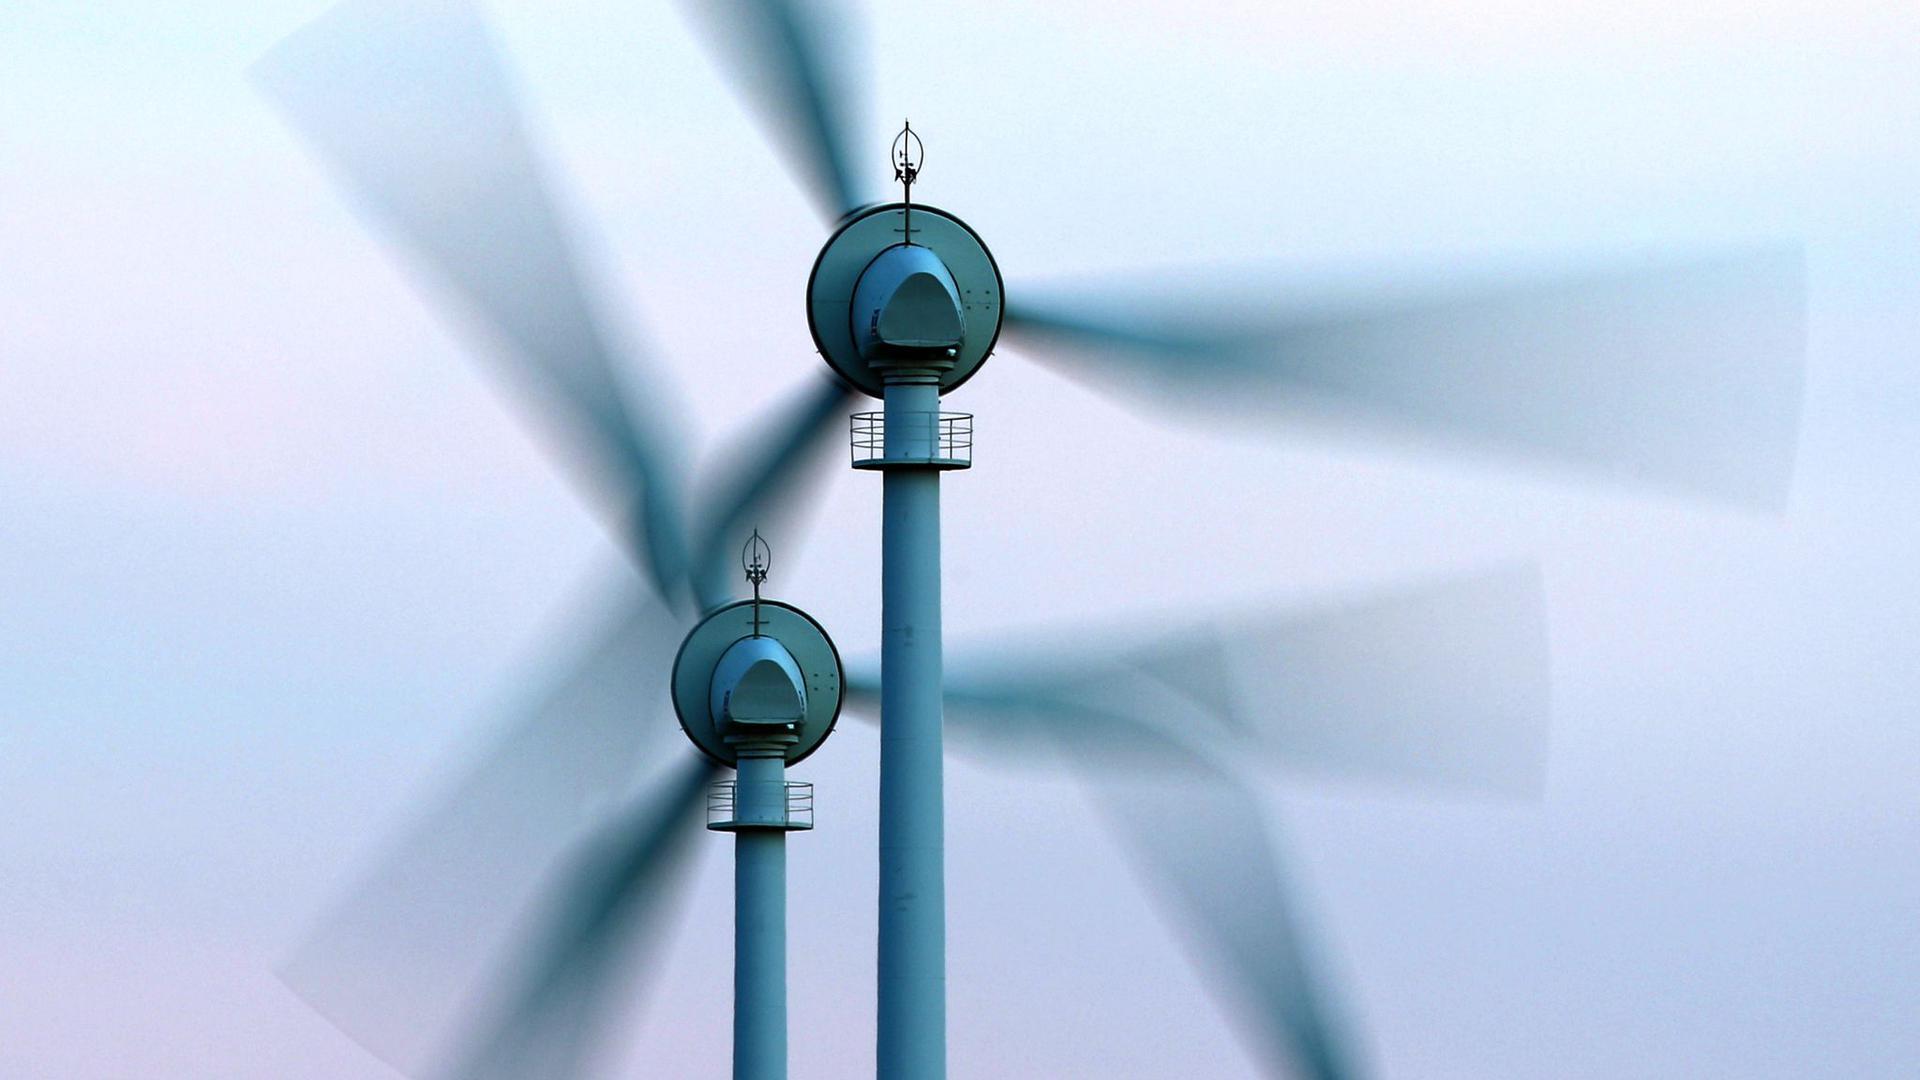 Vor allem bei Windstille oder Dunkelheit wurde zur Bedarfsdeckung Strom importiert.